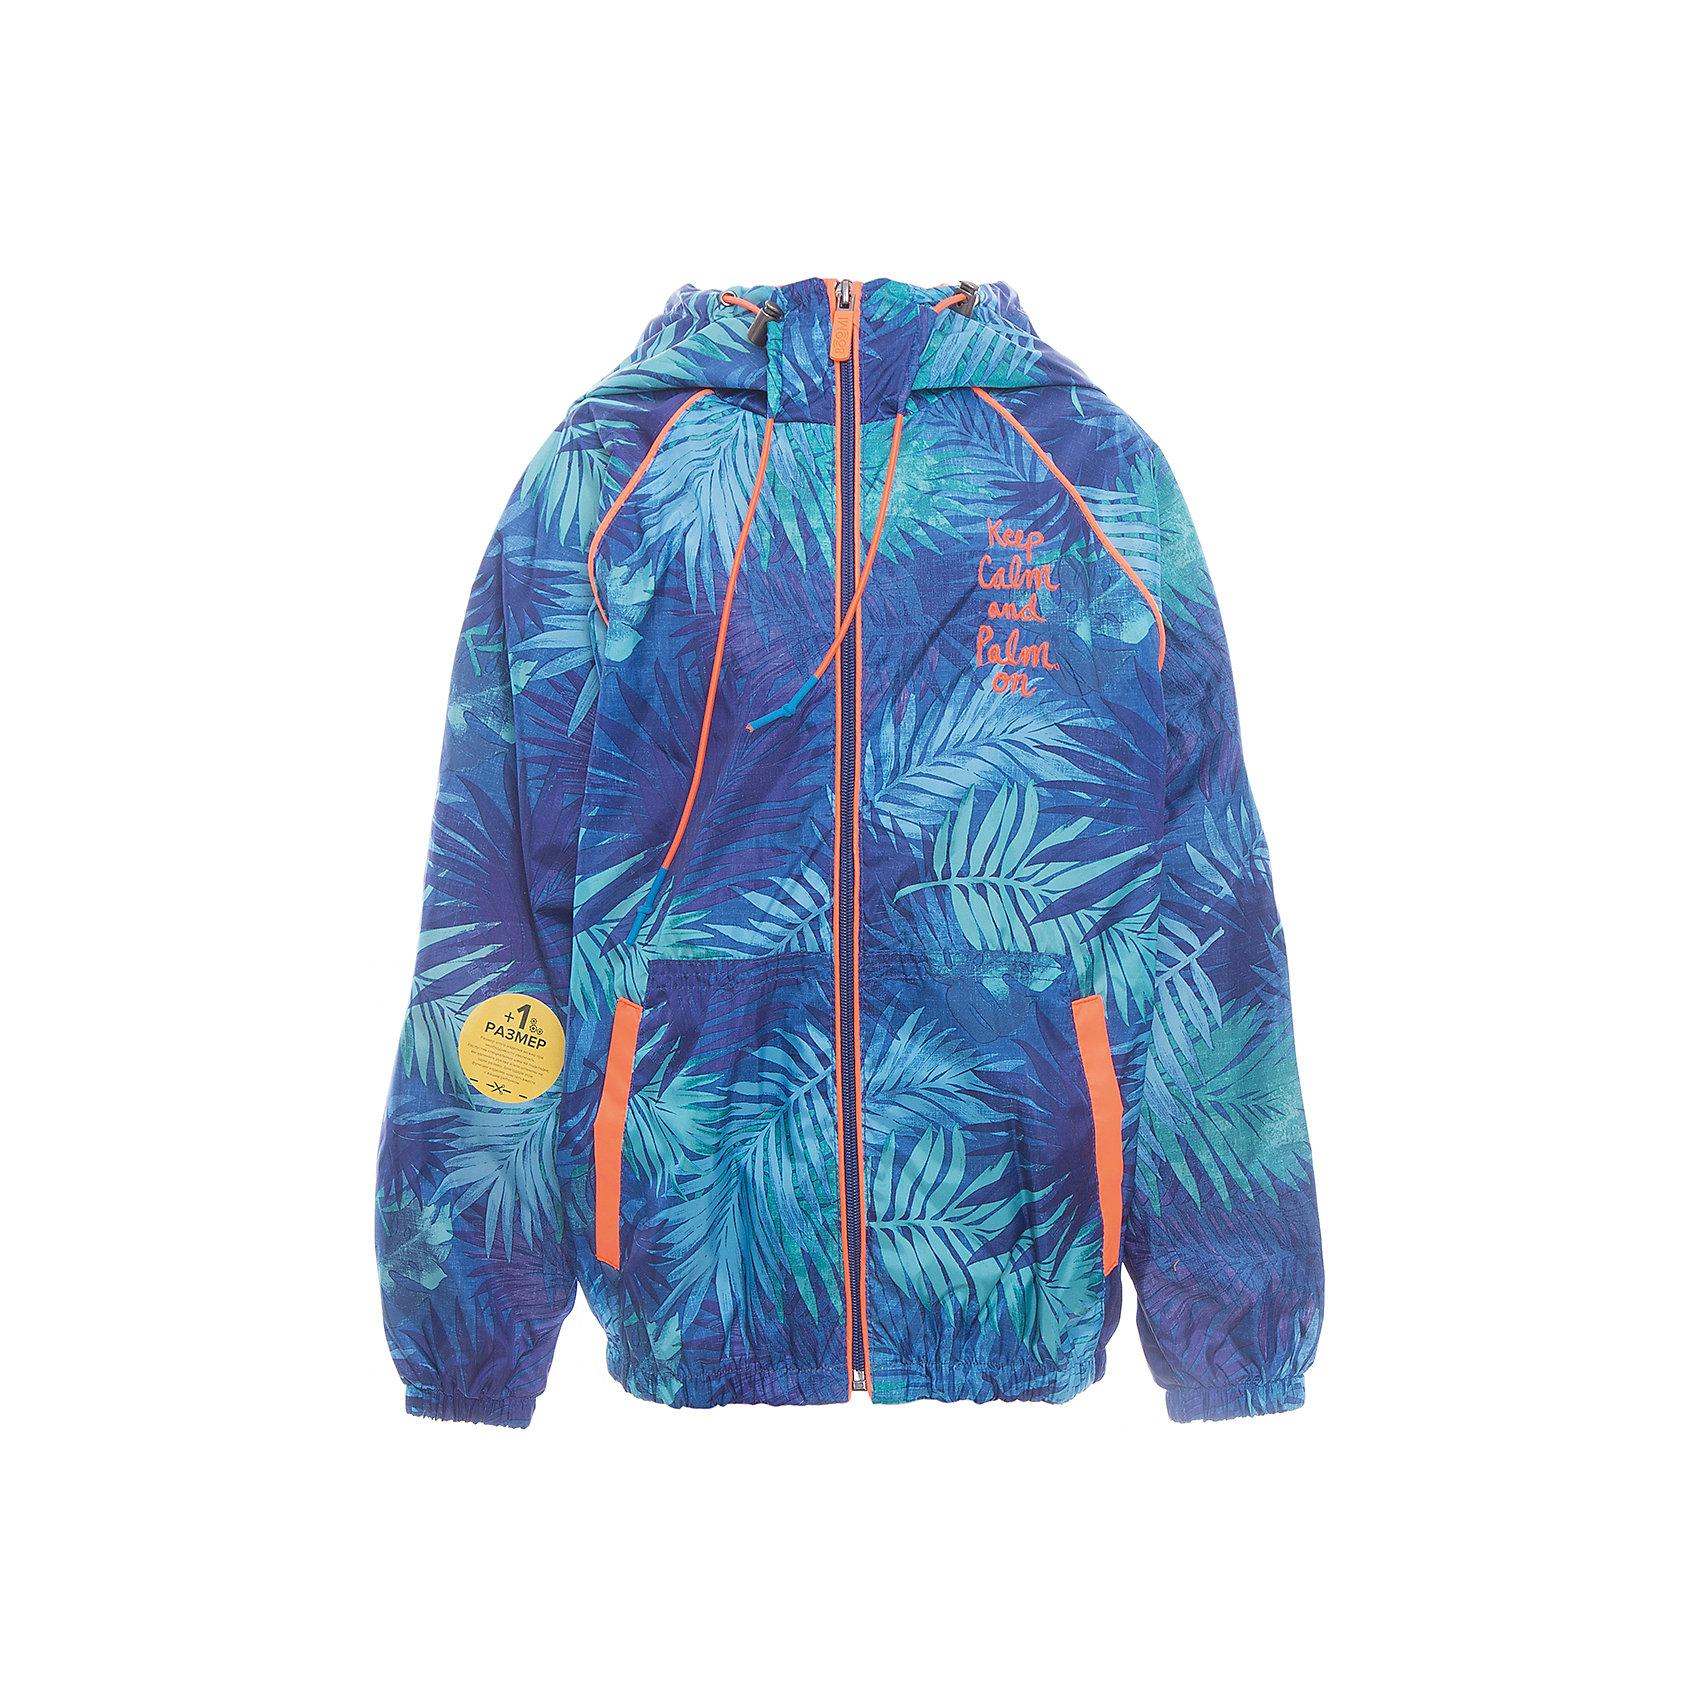 Куртка для мальчика BOOM by OrbyВерхняя одежда<br>Характеристики товара:<br><br>• цвет: синий<br>• состав: верх - таффета, подкладка - поликоттон, полиэстер, без утеплителя<br>• температурный режим: от +10° до +20°С<br>• карманы<br>• застежка - молния<br>• капюшон с утяжкой<br>• украшена принтом<br>• эластичные манжеты<br>• комфортная посадка<br>• страна производства: Российская Федерация<br>• страна бренда: Российская Федерация<br>• коллекция: весна-лето 2017<br><br>Легкая куртка - универсальный вариант и для прохладного летнего вечера, и для теплого межсезонья. Эта модель - модная и удобная одновременно! Изделие отличается стильным ярким дизайном. Куртка хорошо сидит по фигуре, отлично сочетается с различным низом. Вещь была разработана специально для детей.<br><br>Куртку для мальчика от бренда BOOM by Orby можно купить в нашем интернет-магазине.<br><br>Ширина мм: 356<br>Глубина мм: 10<br>Высота мм: 245<br>Вес г: 519<br>Цвет: синий<br>Возраст от месяцев: 24<br>Возраст до месяцев: 36<br>Пол: Мужской<br>Возраст: Детский<br>Размер: 98,110,116,122,128,134,140,146,152,158,86,92<br>SKU: 5343318